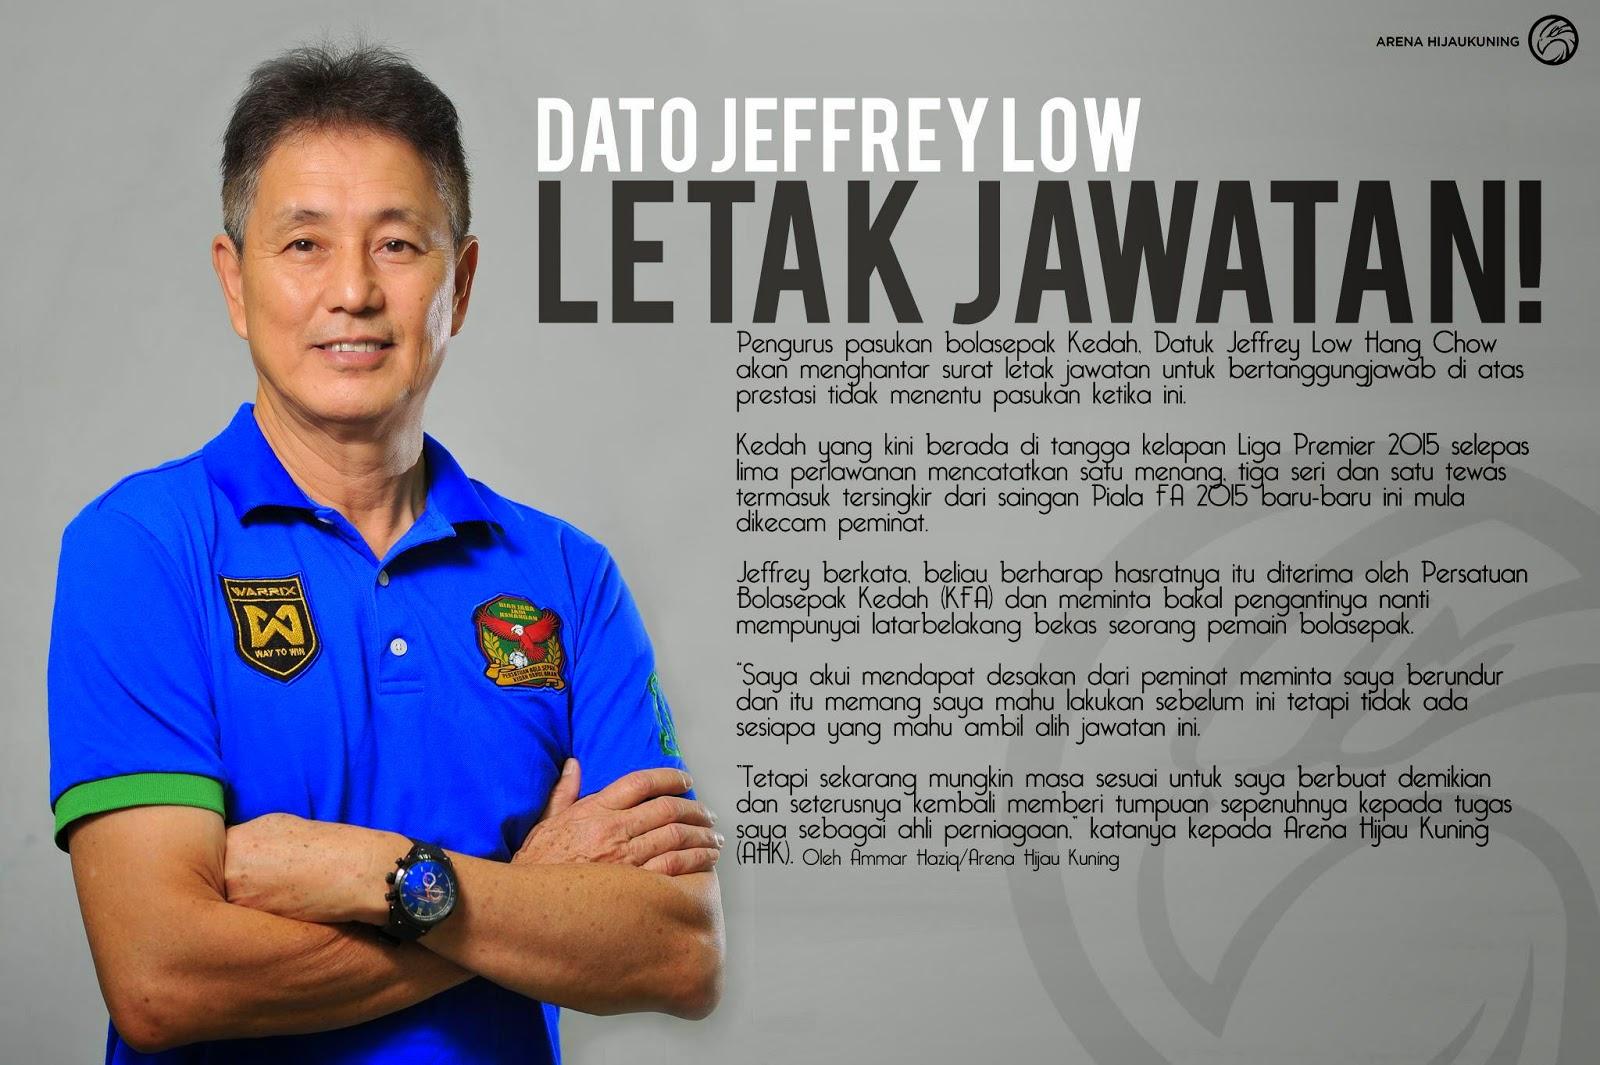 DATO' JEFFREY LOW HAN CHAW